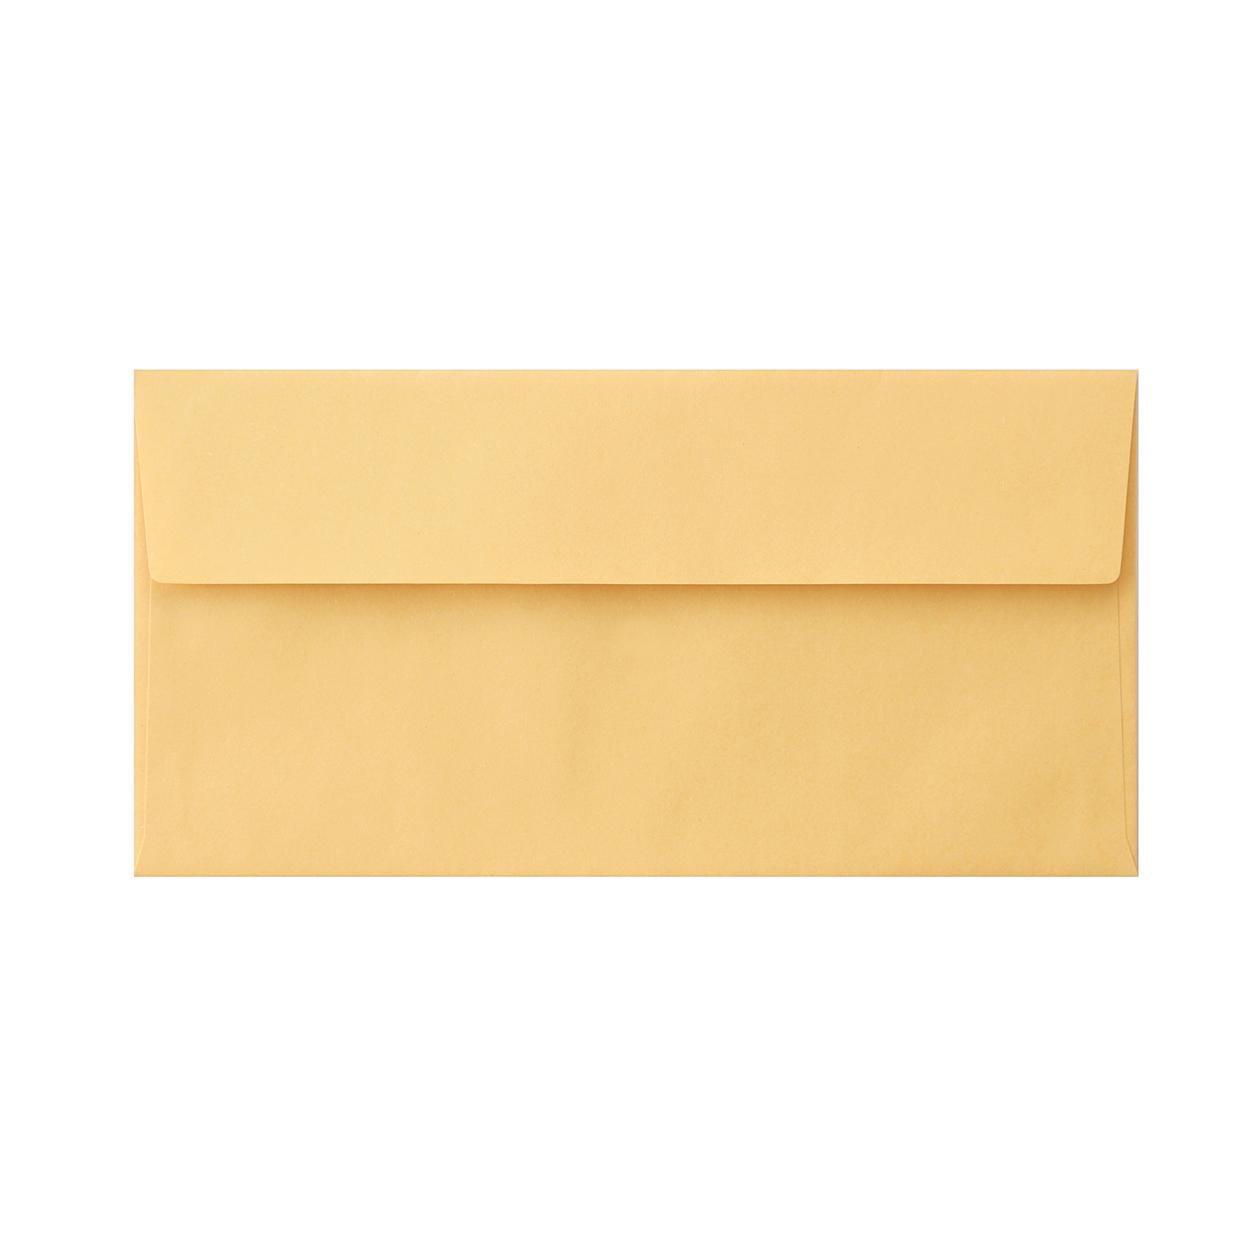 長3カマス封筒 クラフト 85g